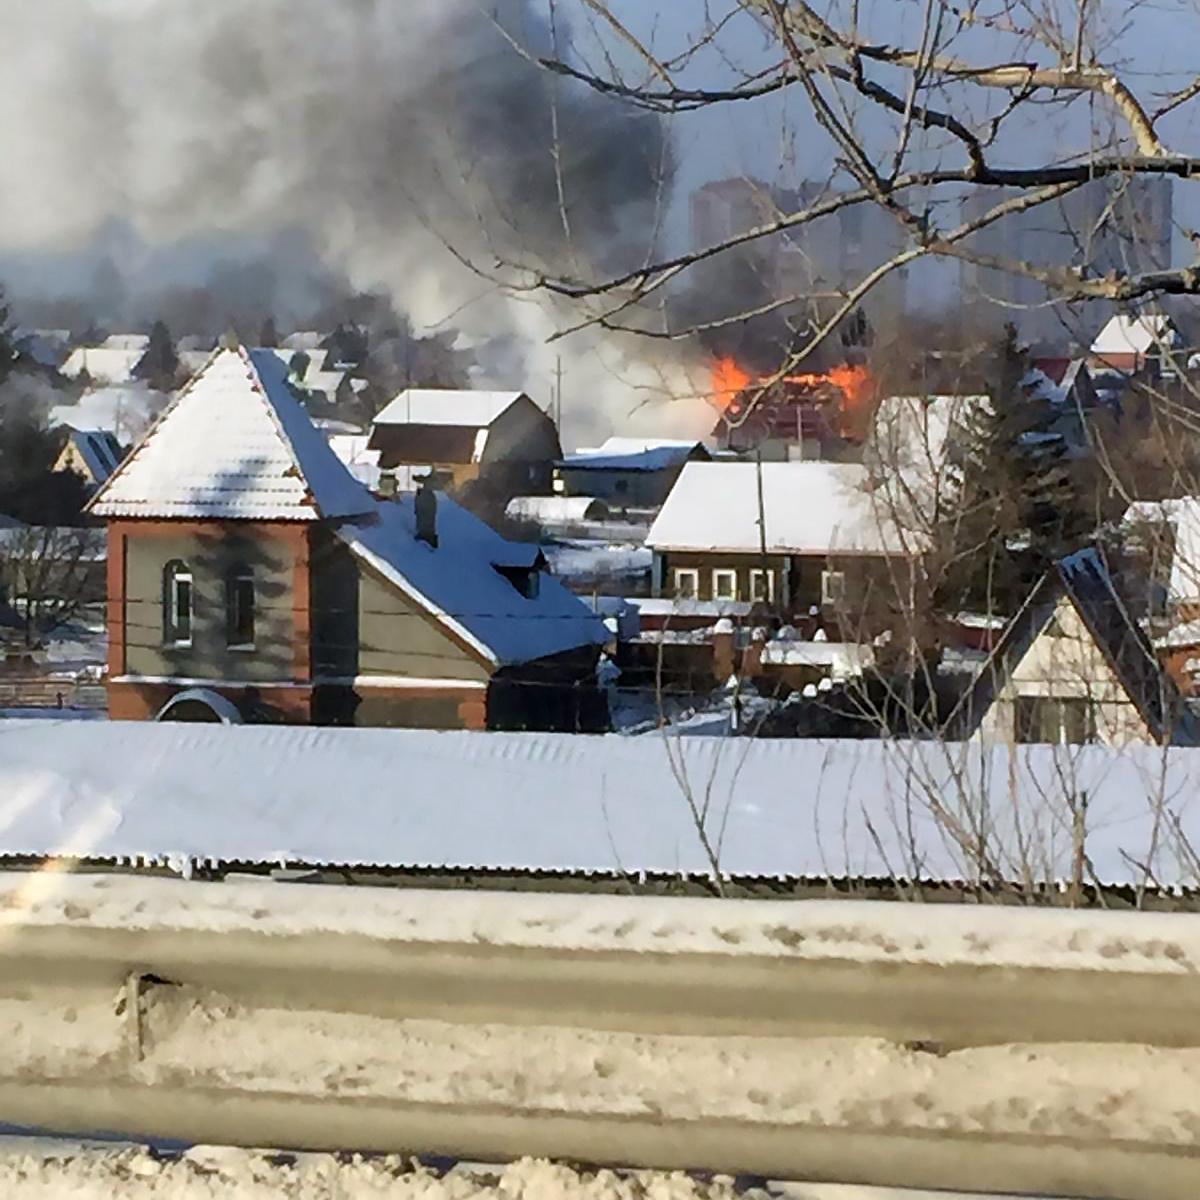 По словам очевидцев, пока горит один частный дом